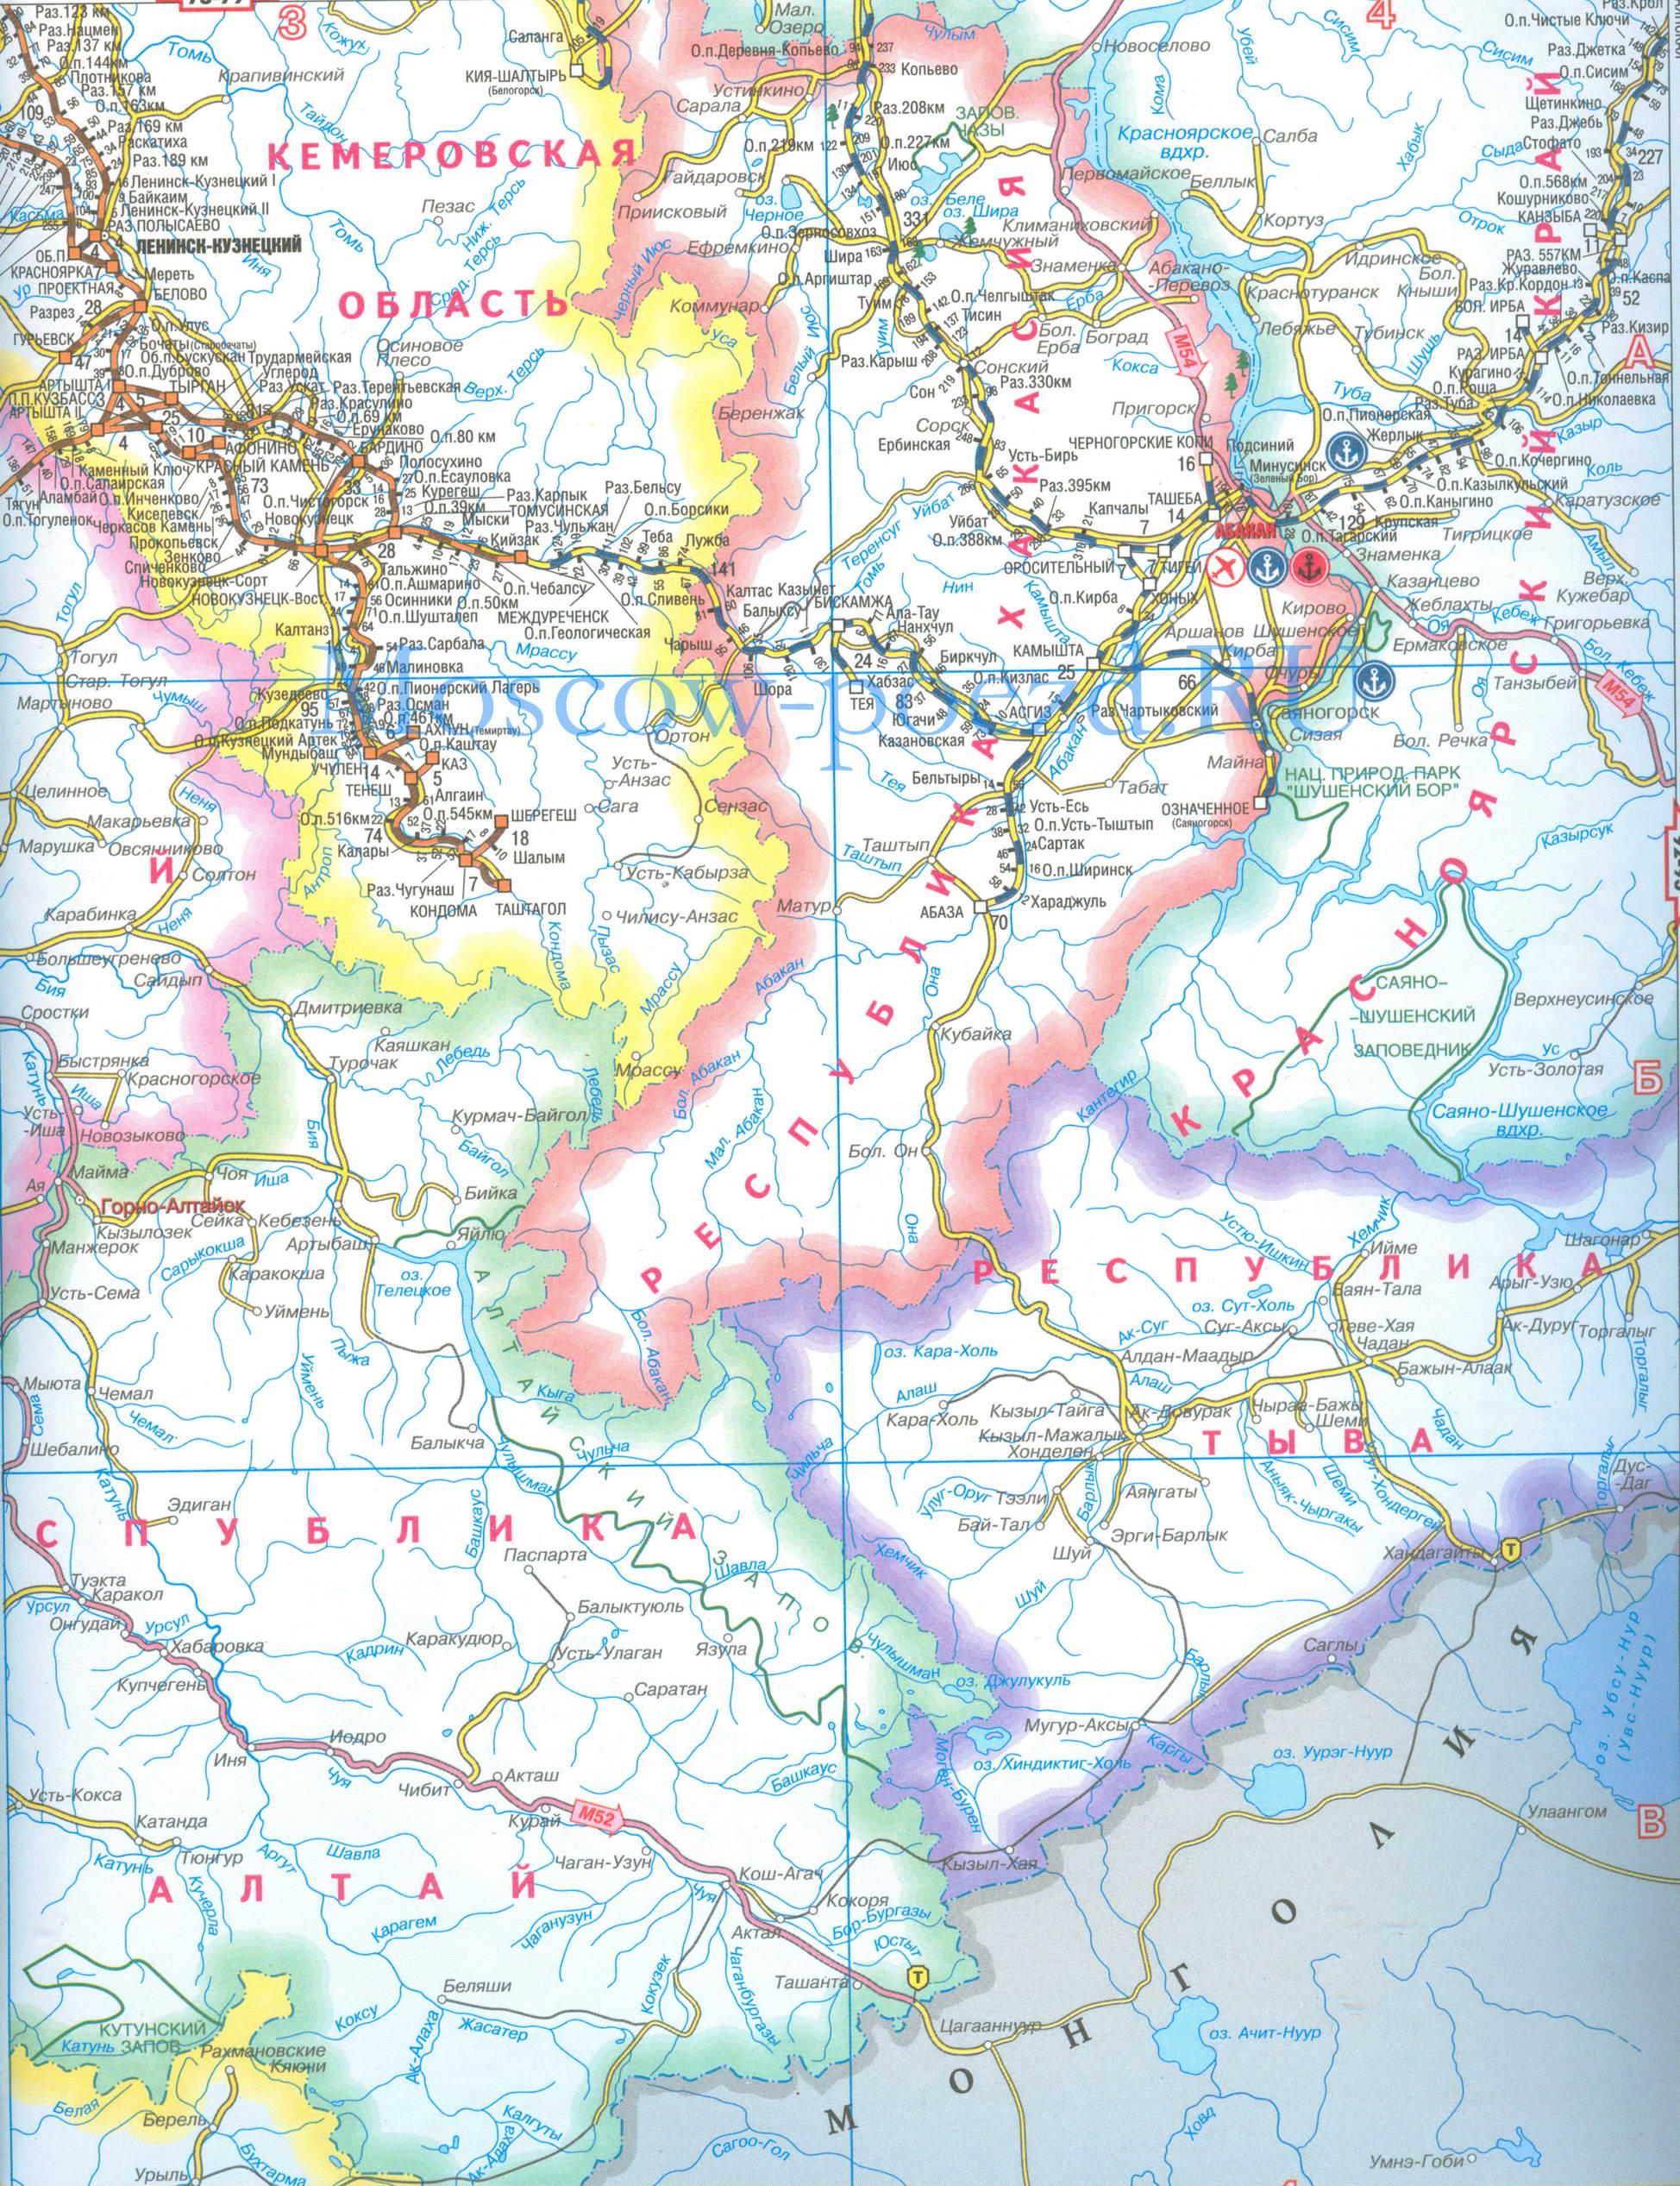 Алтайский край - подробная карта жд и автомобильных дорог 1см:25км.